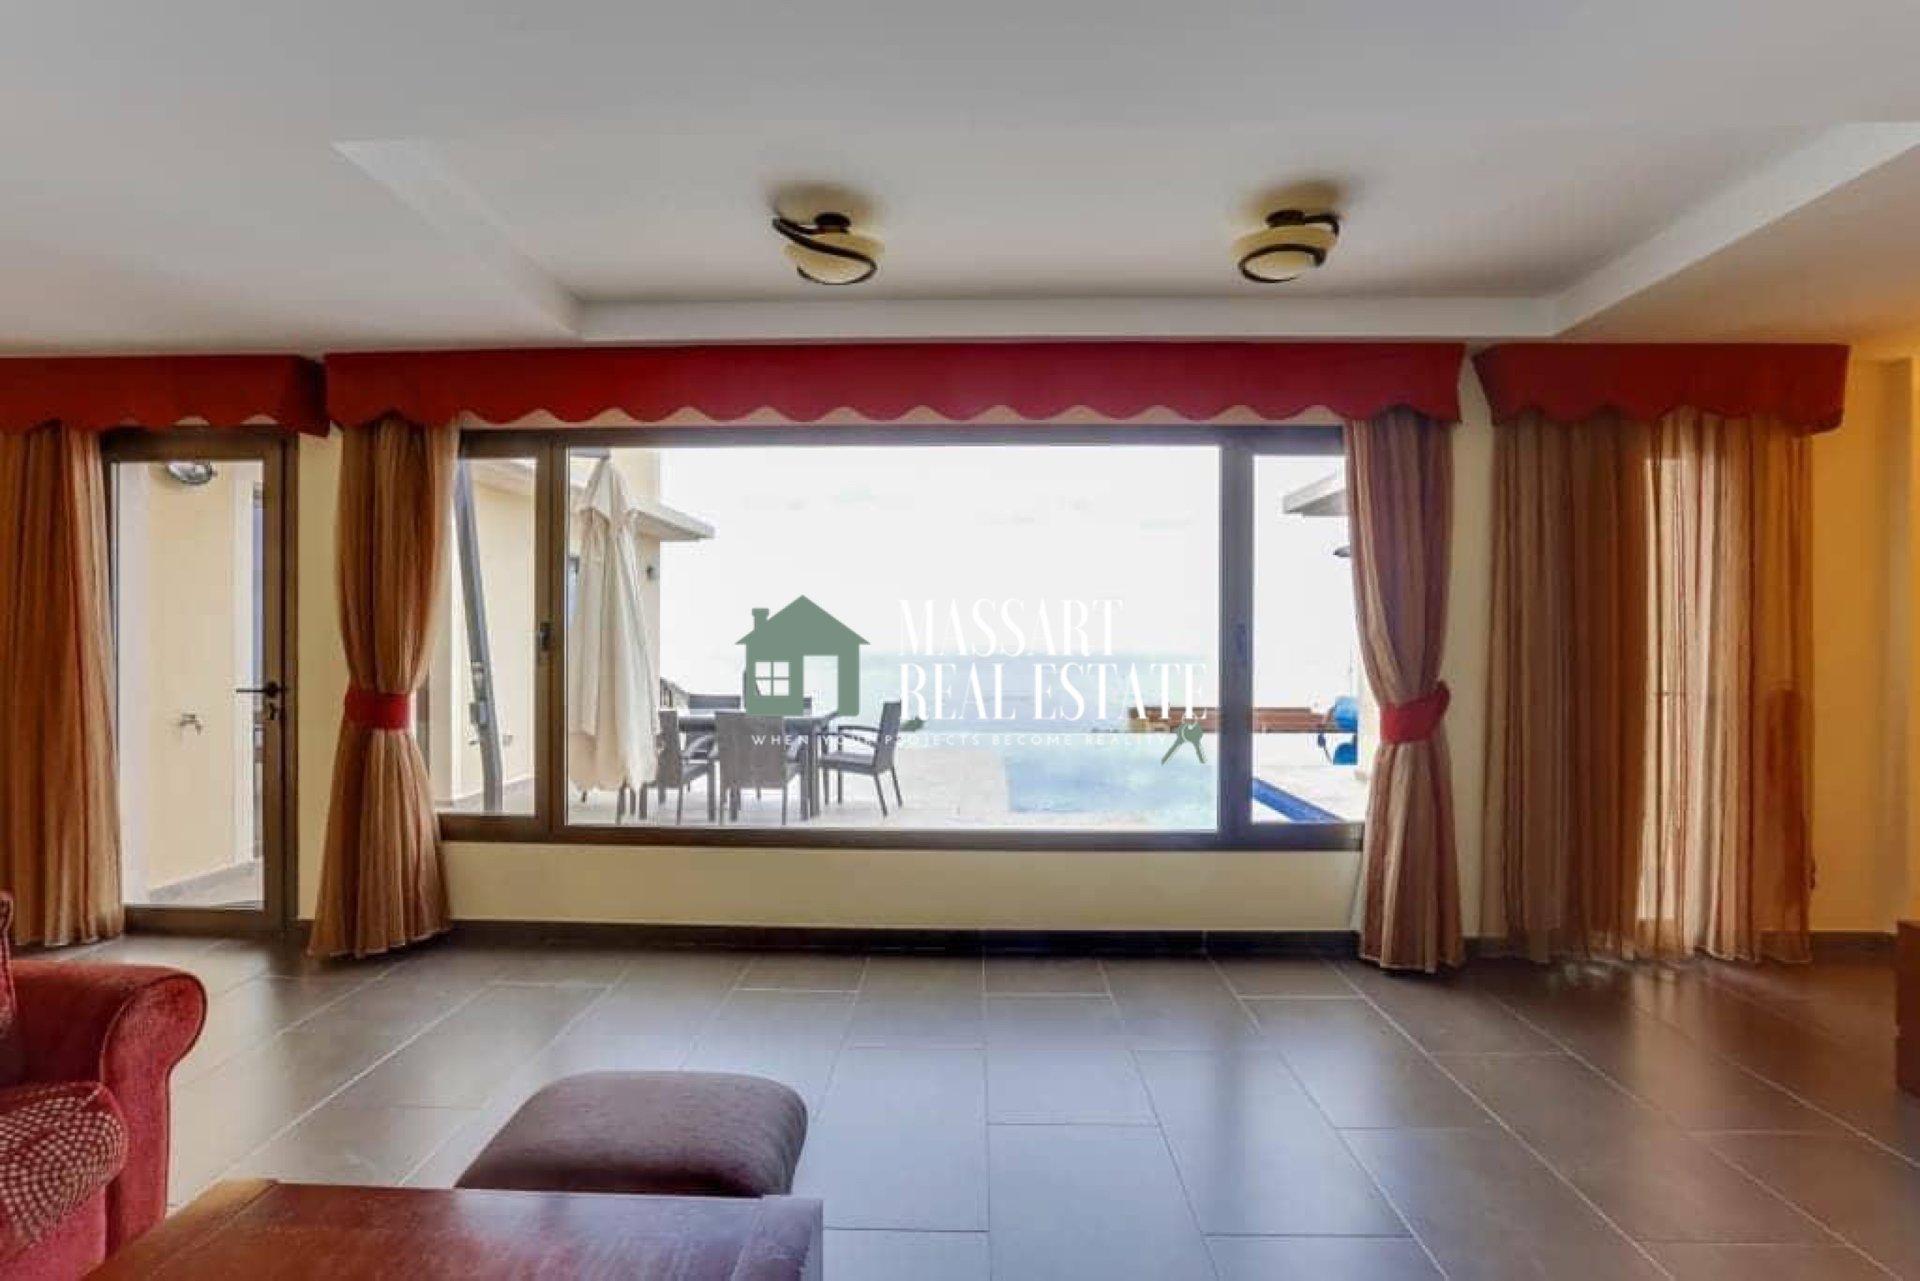 Villa de lujo en venta en la popular zona de Roque del Conde (Adeje) distribuida en una superficie de 500 m2.